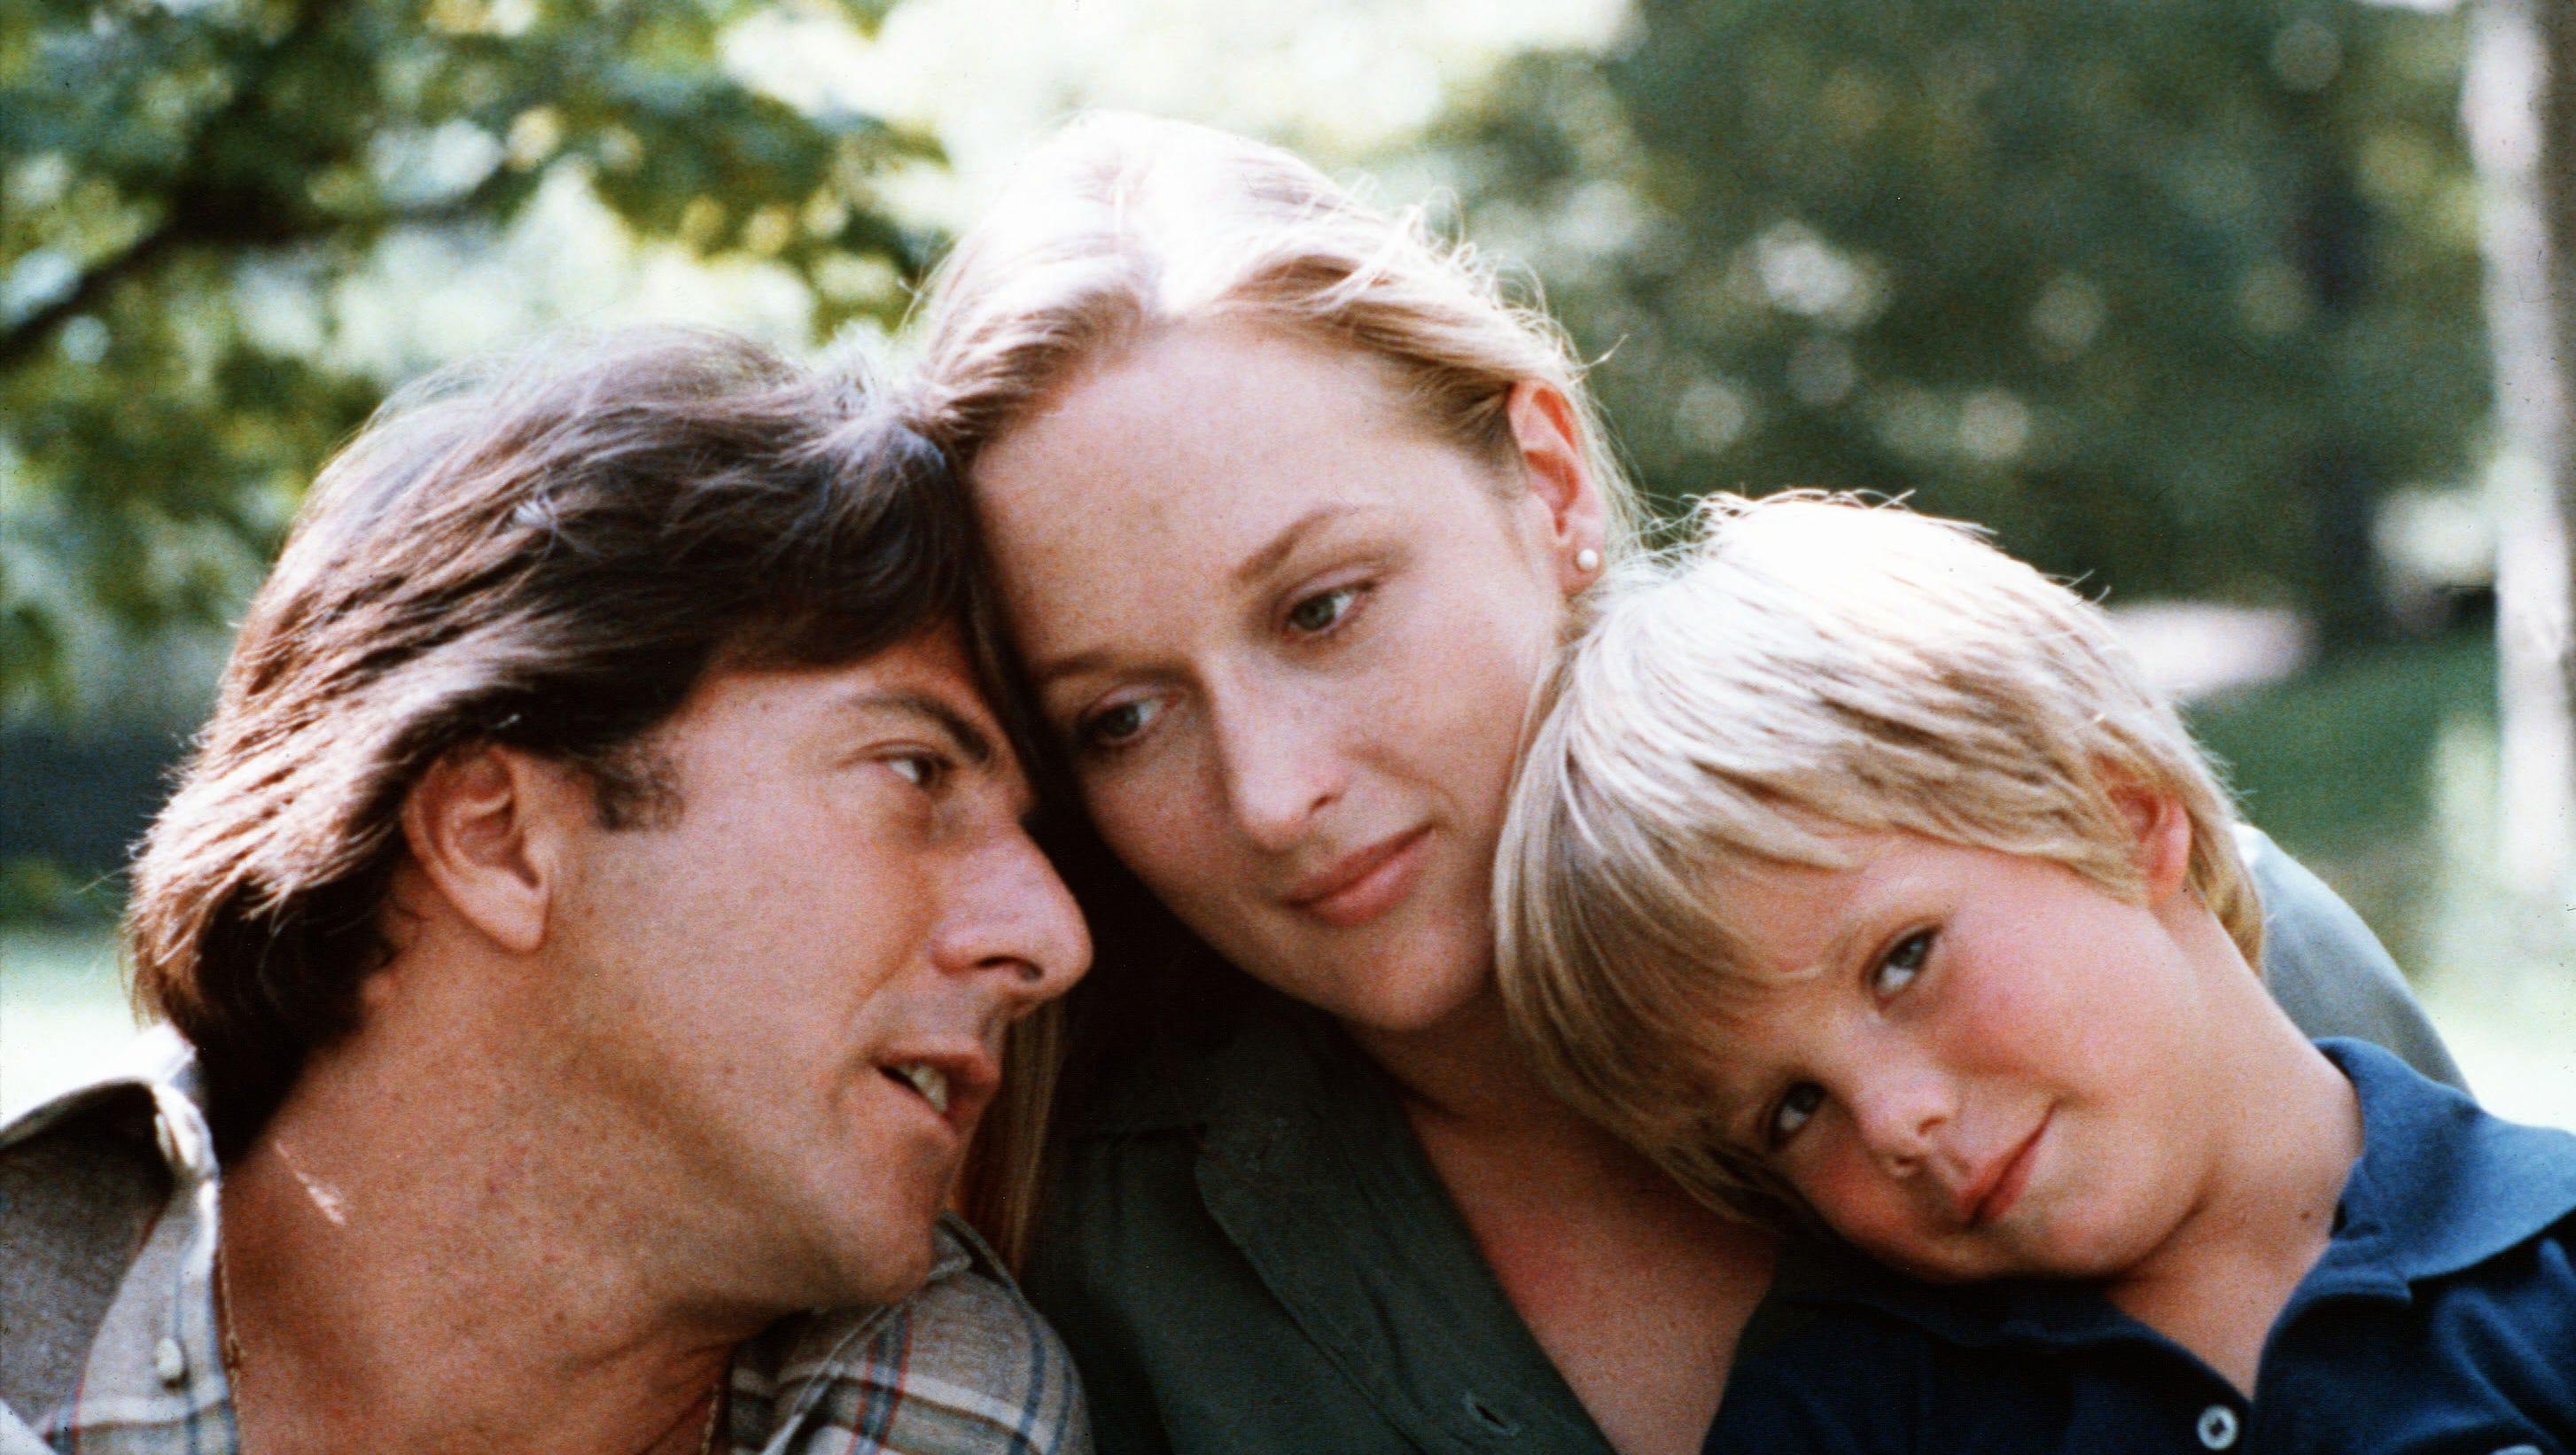 1979 - Kramer vs. Kramer - Academy Award Best Picture Winners